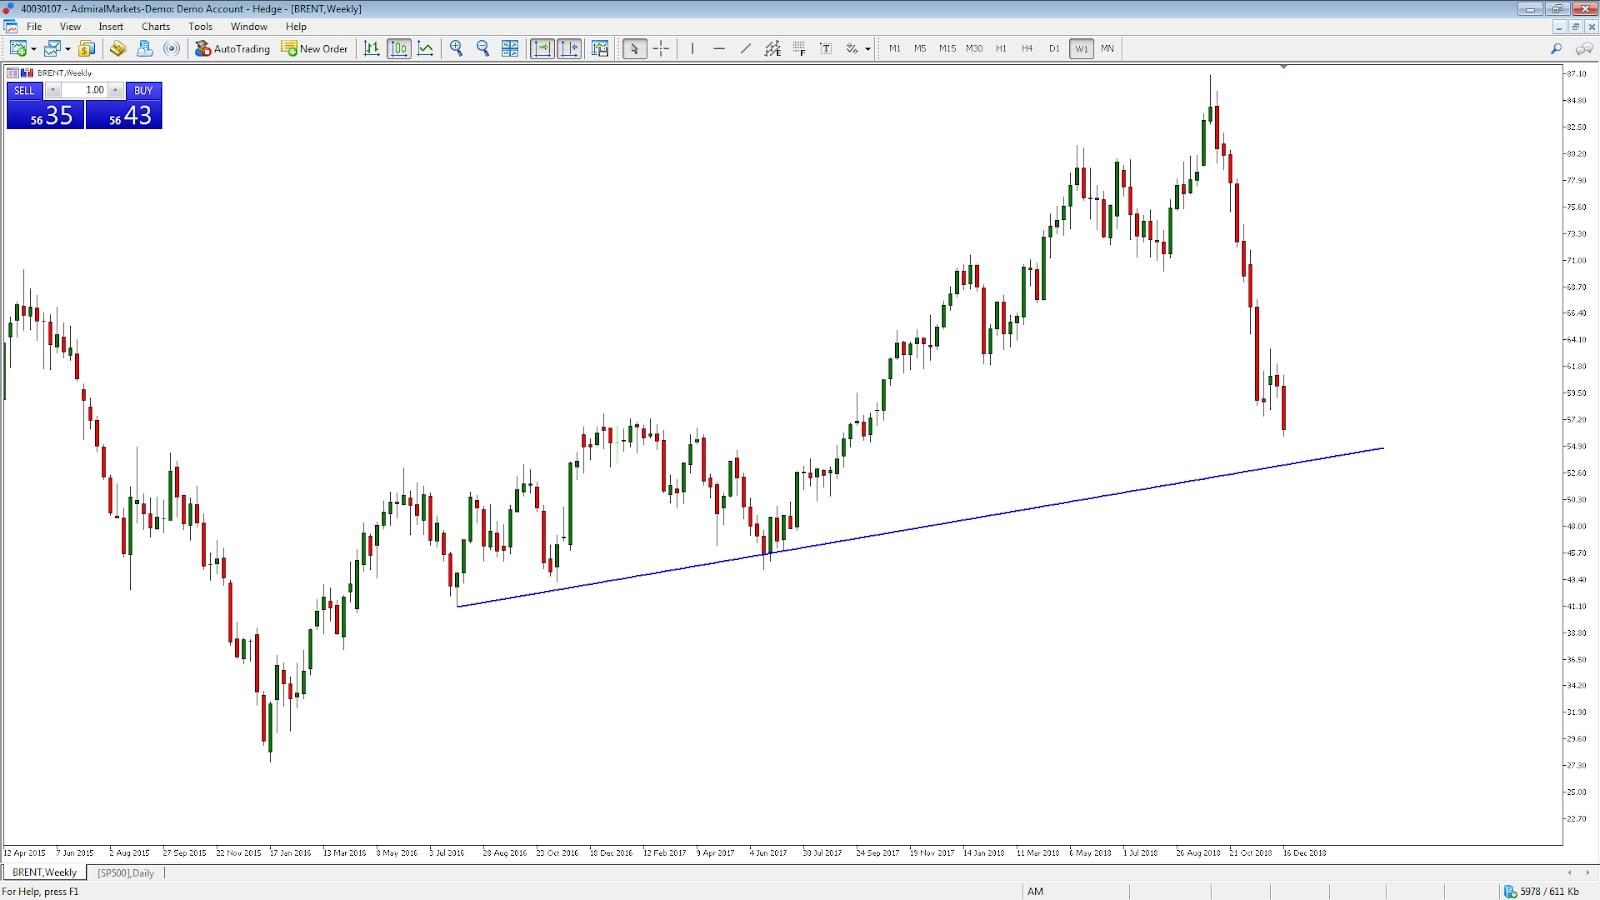 Nikkei index kereskedés ban a tőzsdén